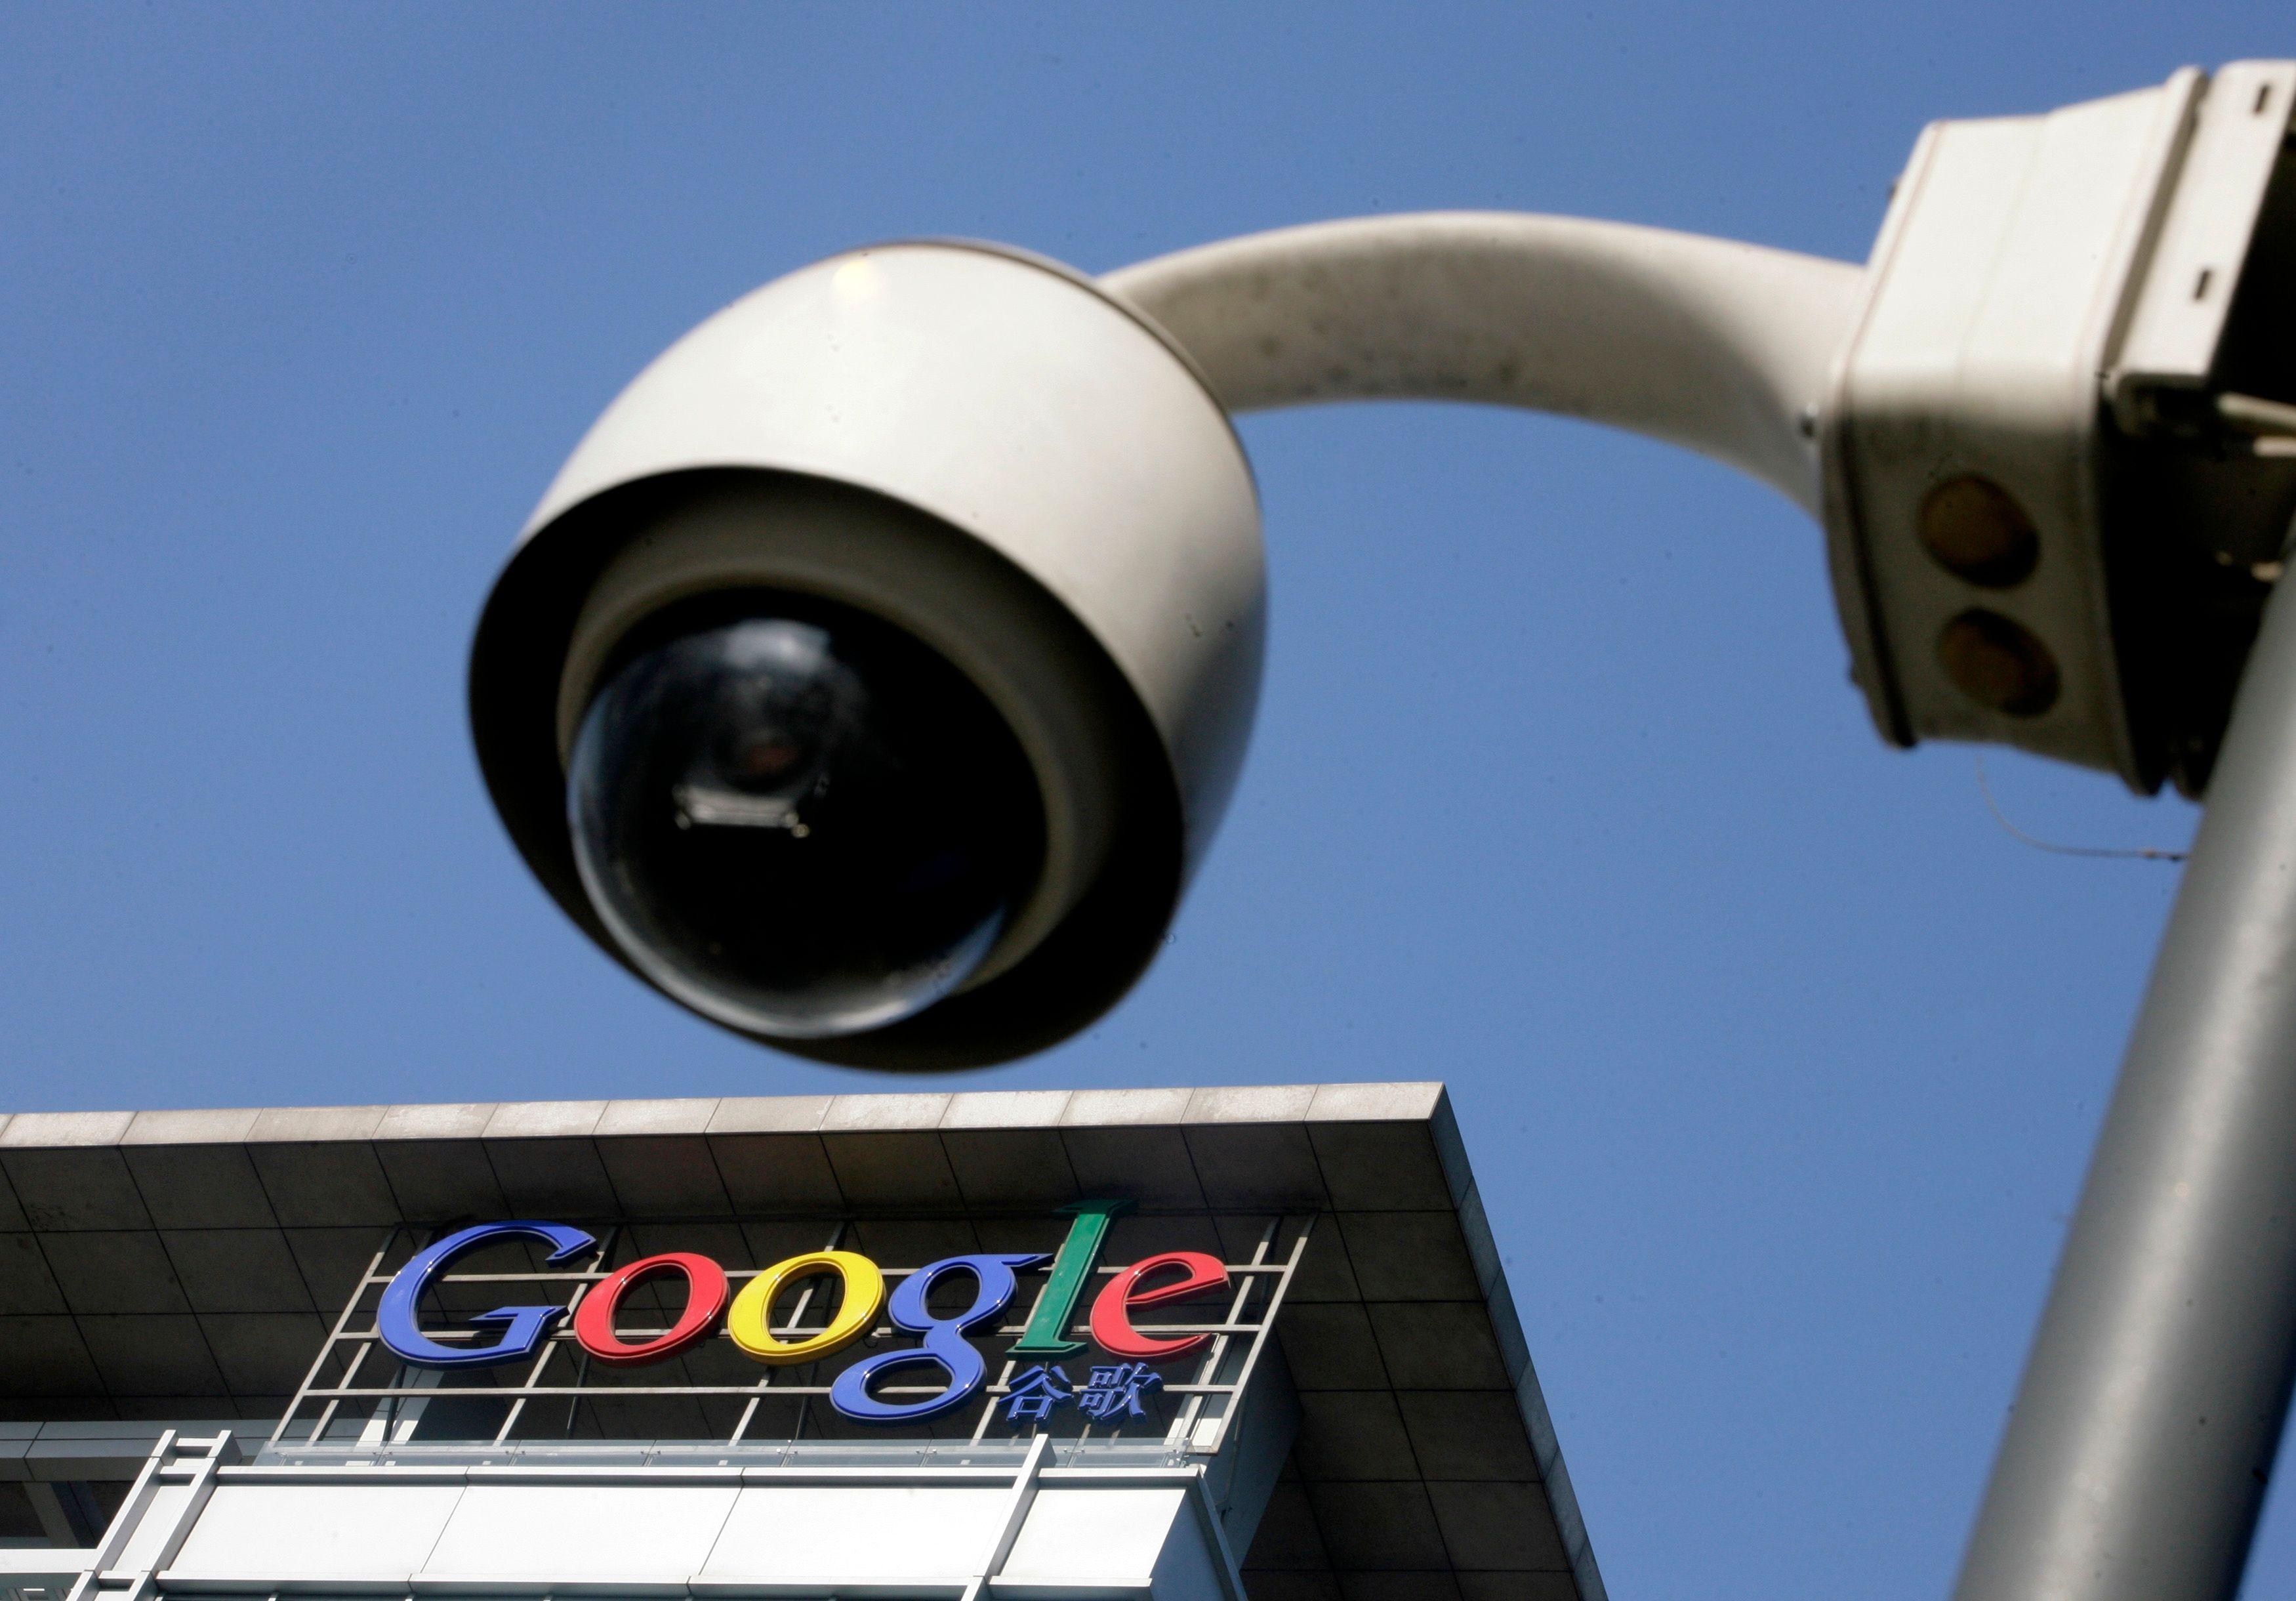 Confidentialité : la Cnil exige que Google se soumette au droit français